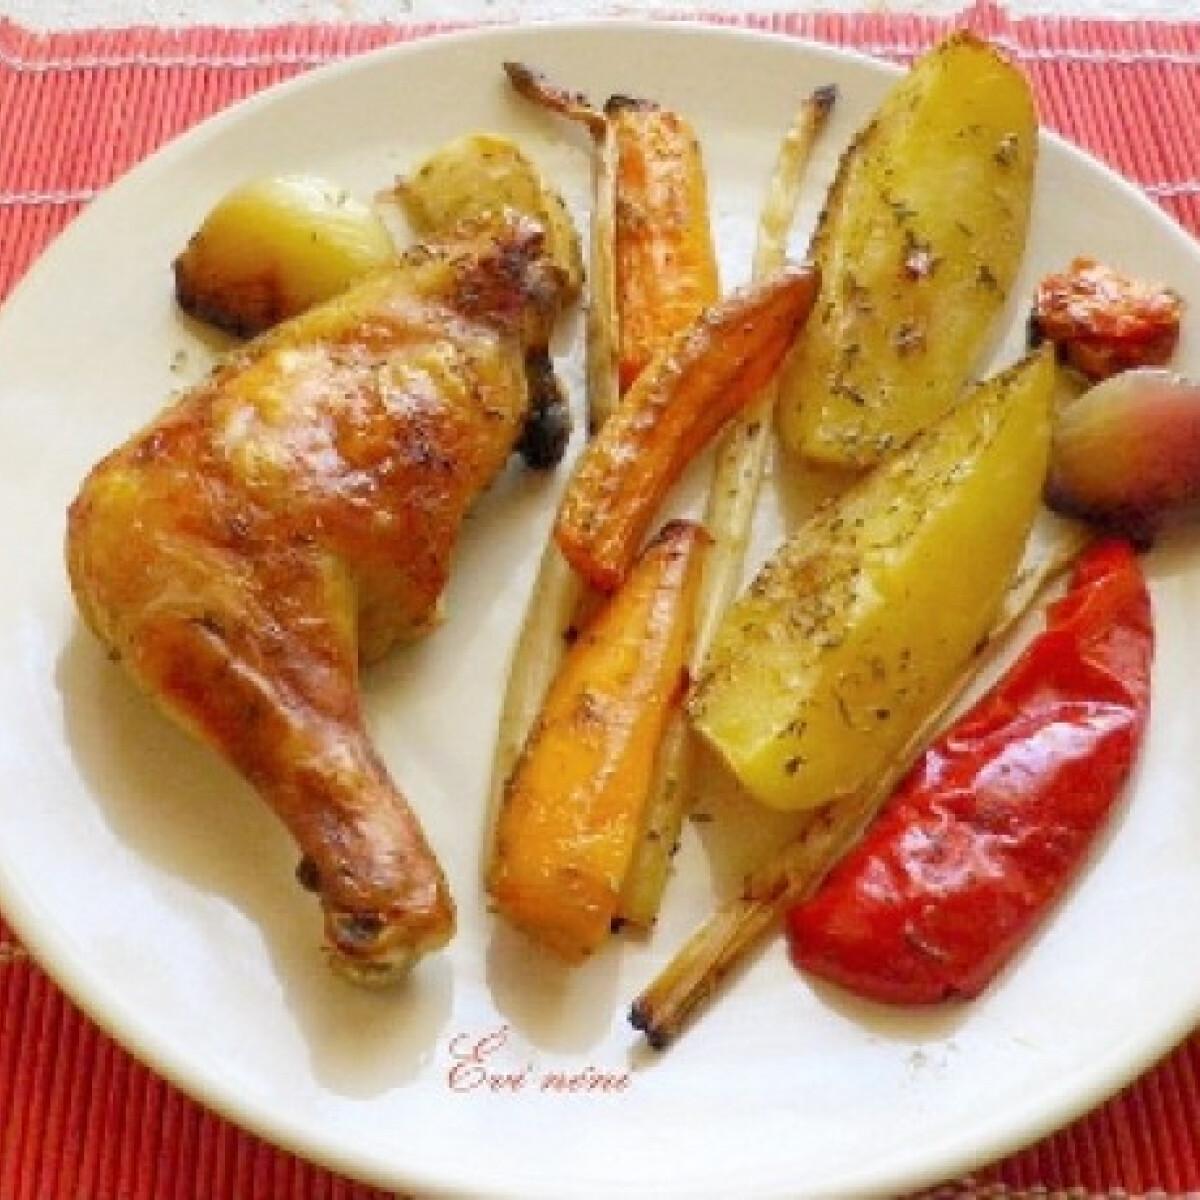 Ezen a képen: Pataki tálban sült csirke zöldségekkel